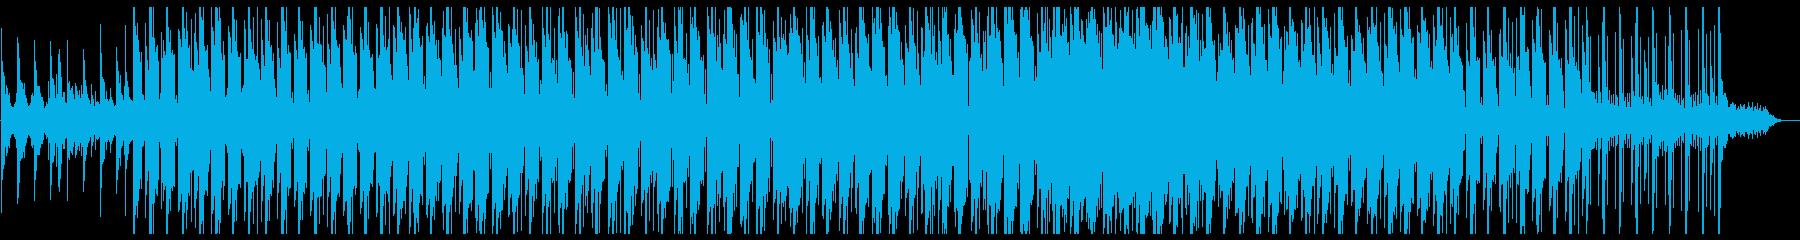 ジャジーなLo-Fi アナログノイズ有りの再生済みの波形